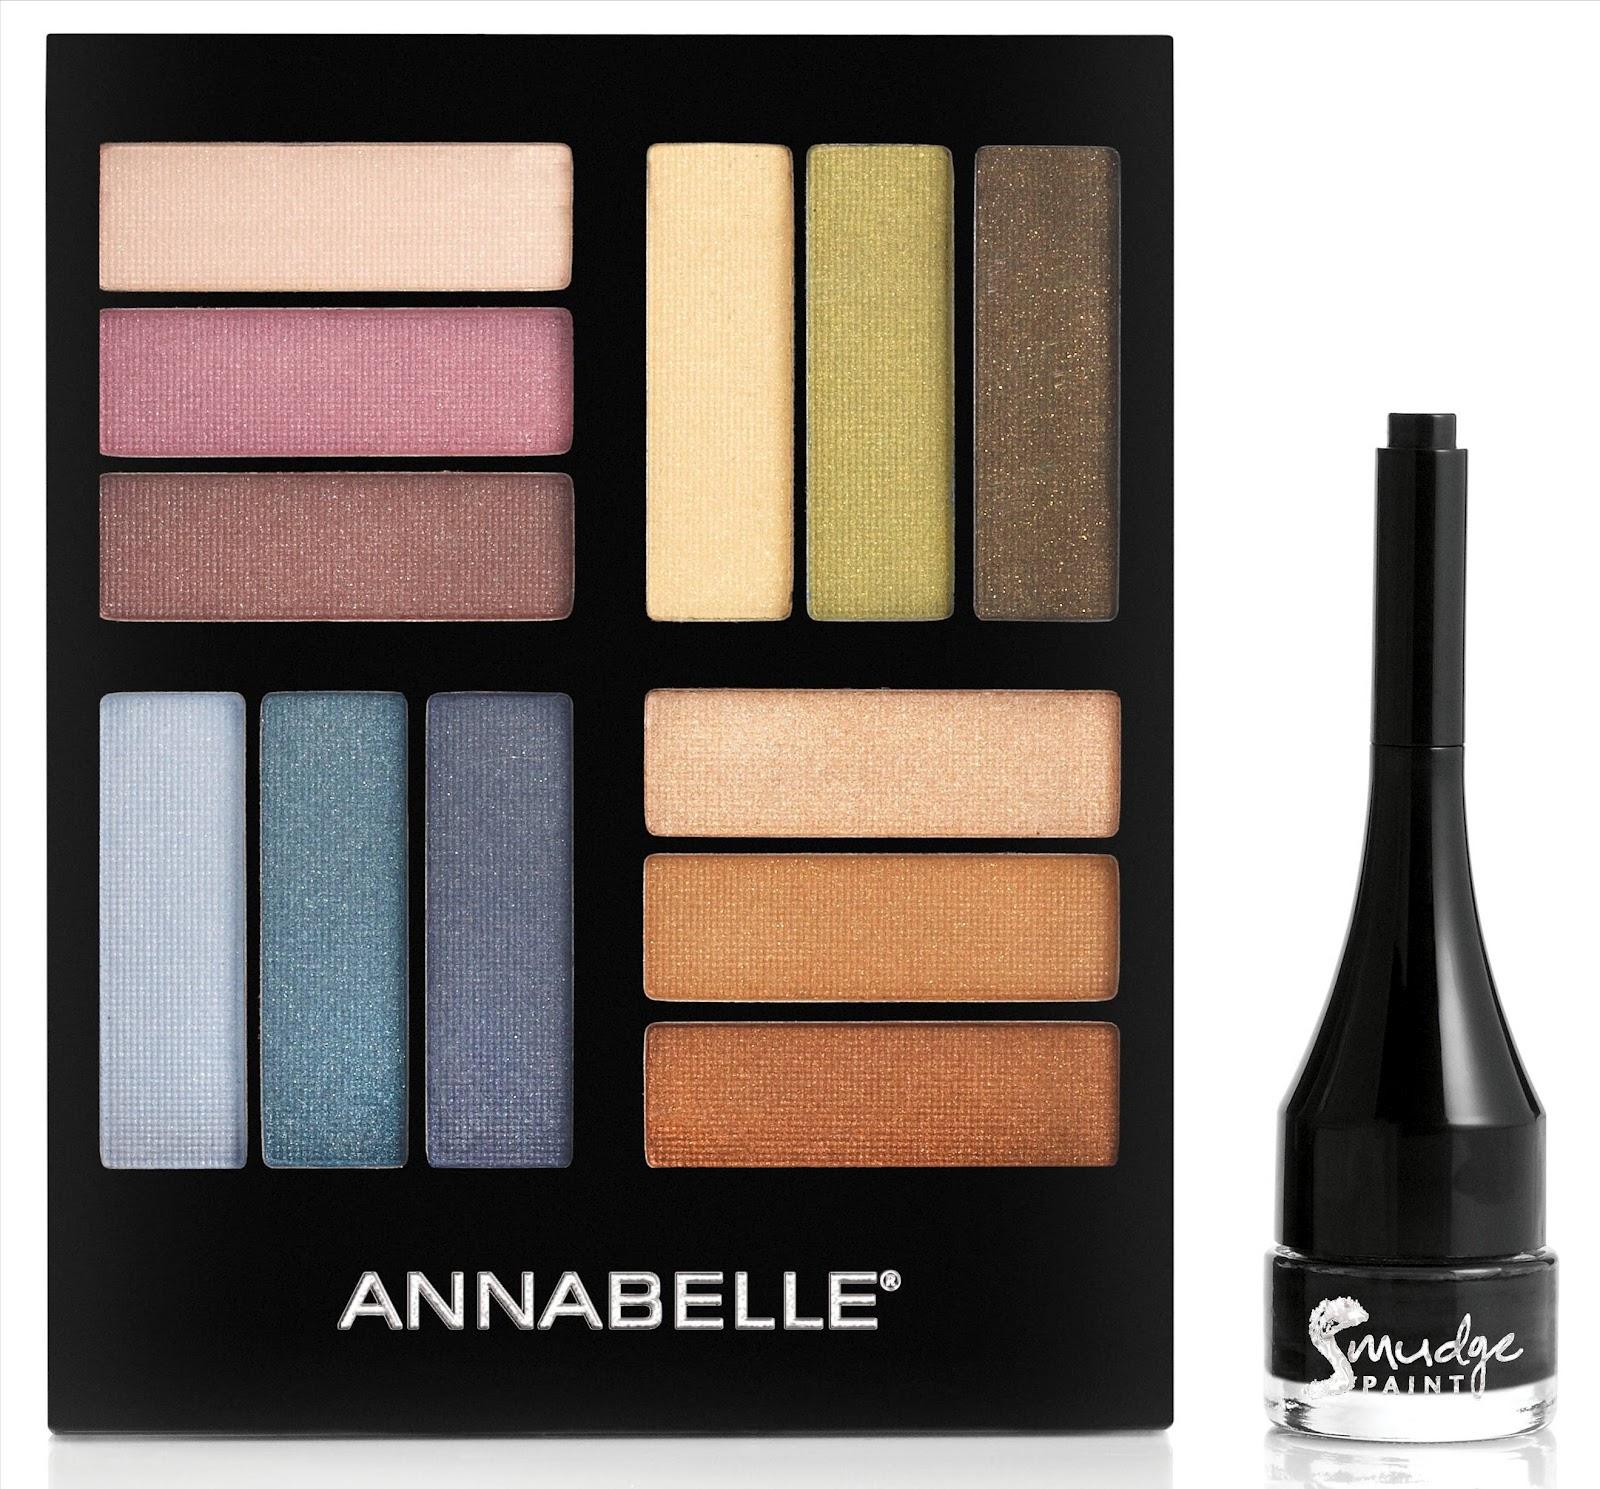 Annabelle lance... sa collection automne-hiver en édition limitée